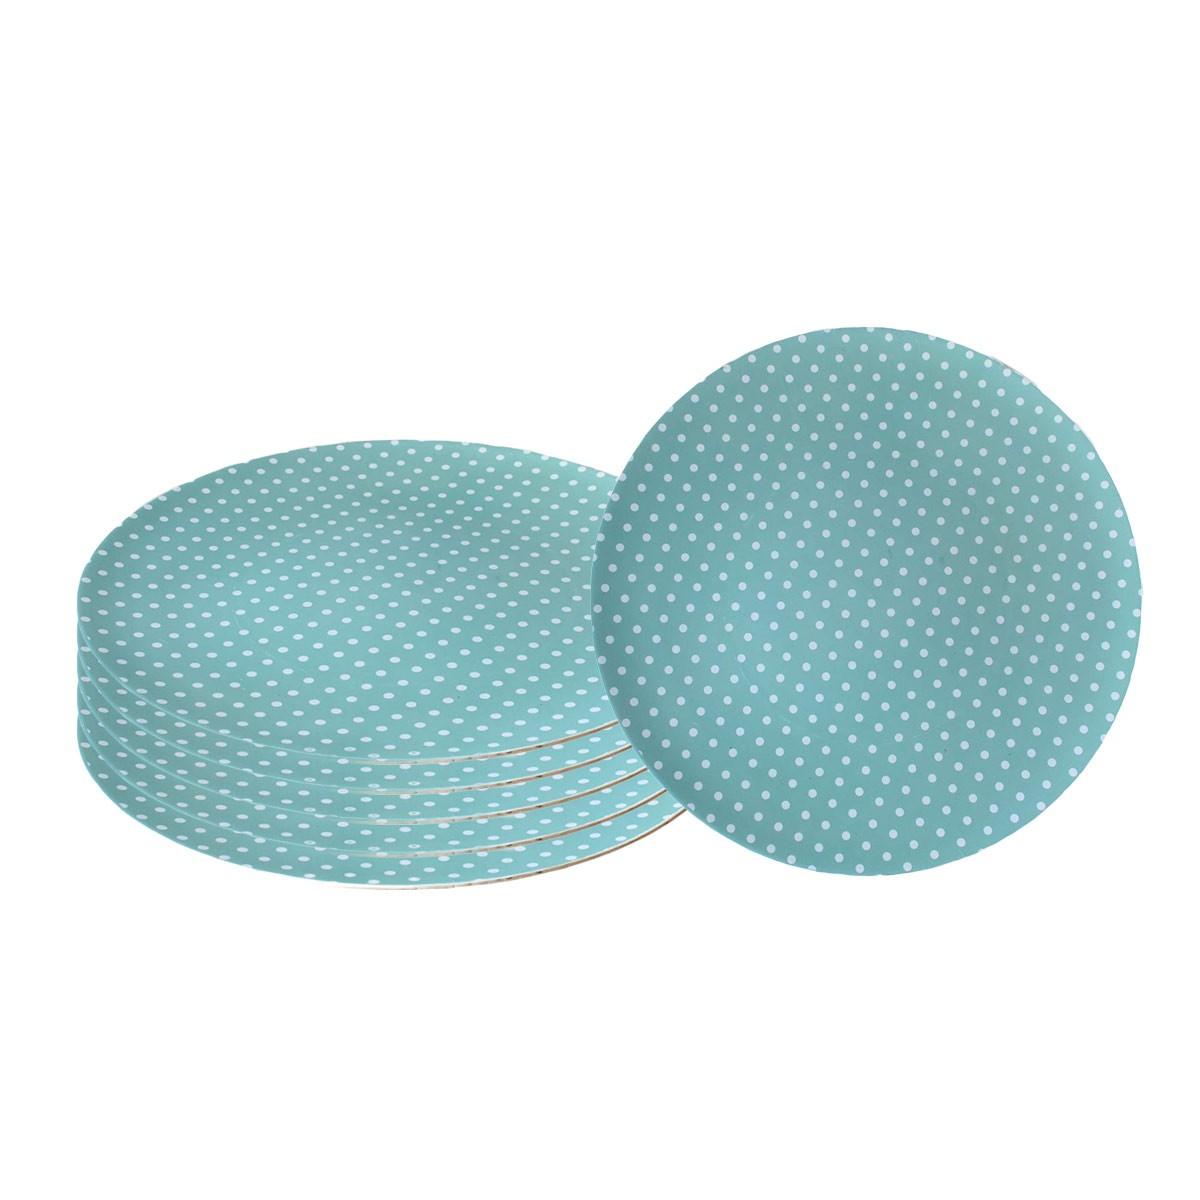 Jogo 6 Sousplats 33cm de Plástico Romance Pois Azul  - Lemis